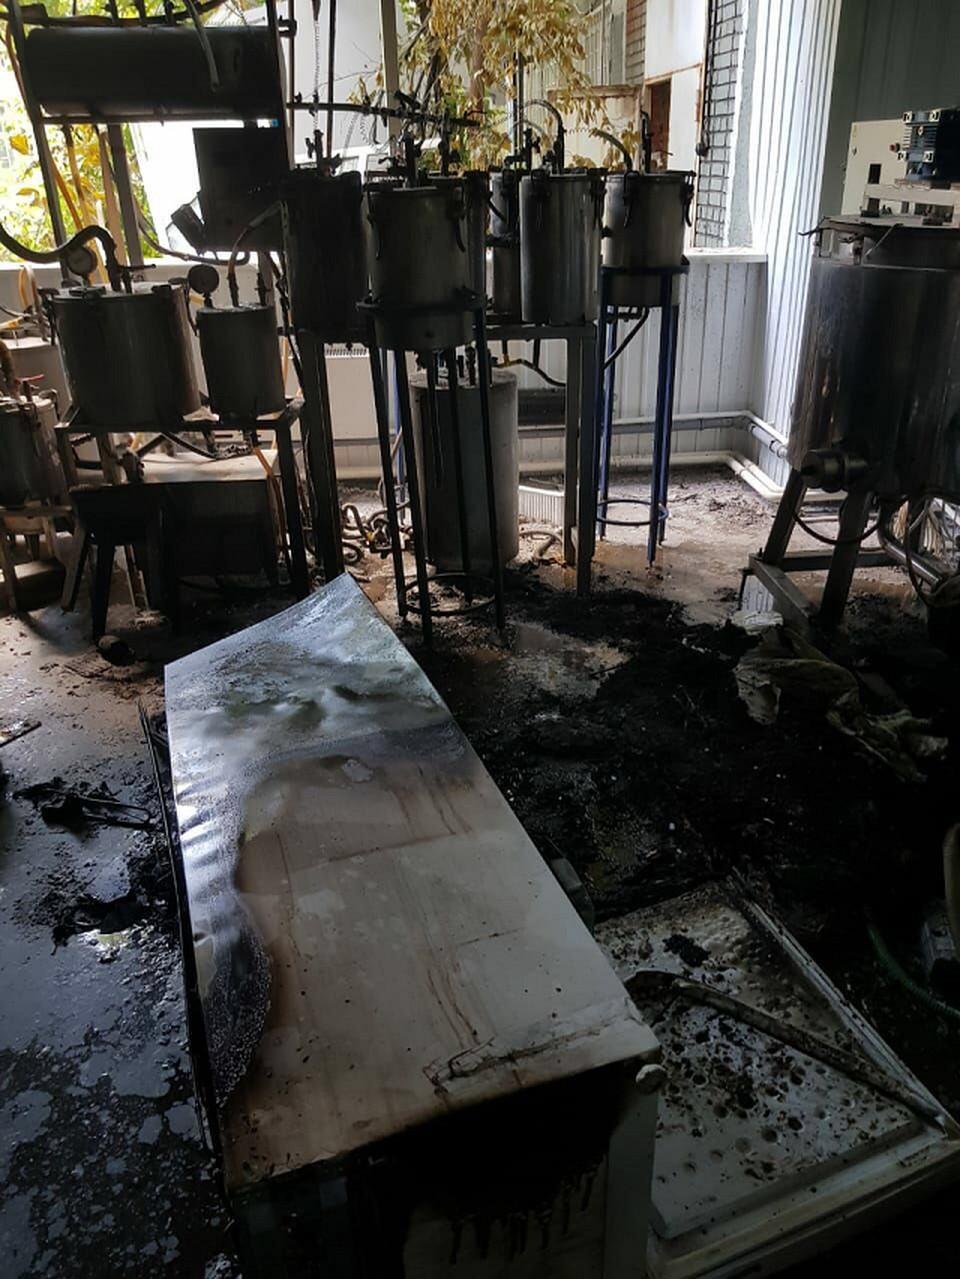 В Академгородке произошла технологическая авария в одной из лабораторий по производству экстрактов трав. Пострадал человек. Фото ГУ МЧС России по Томской области.